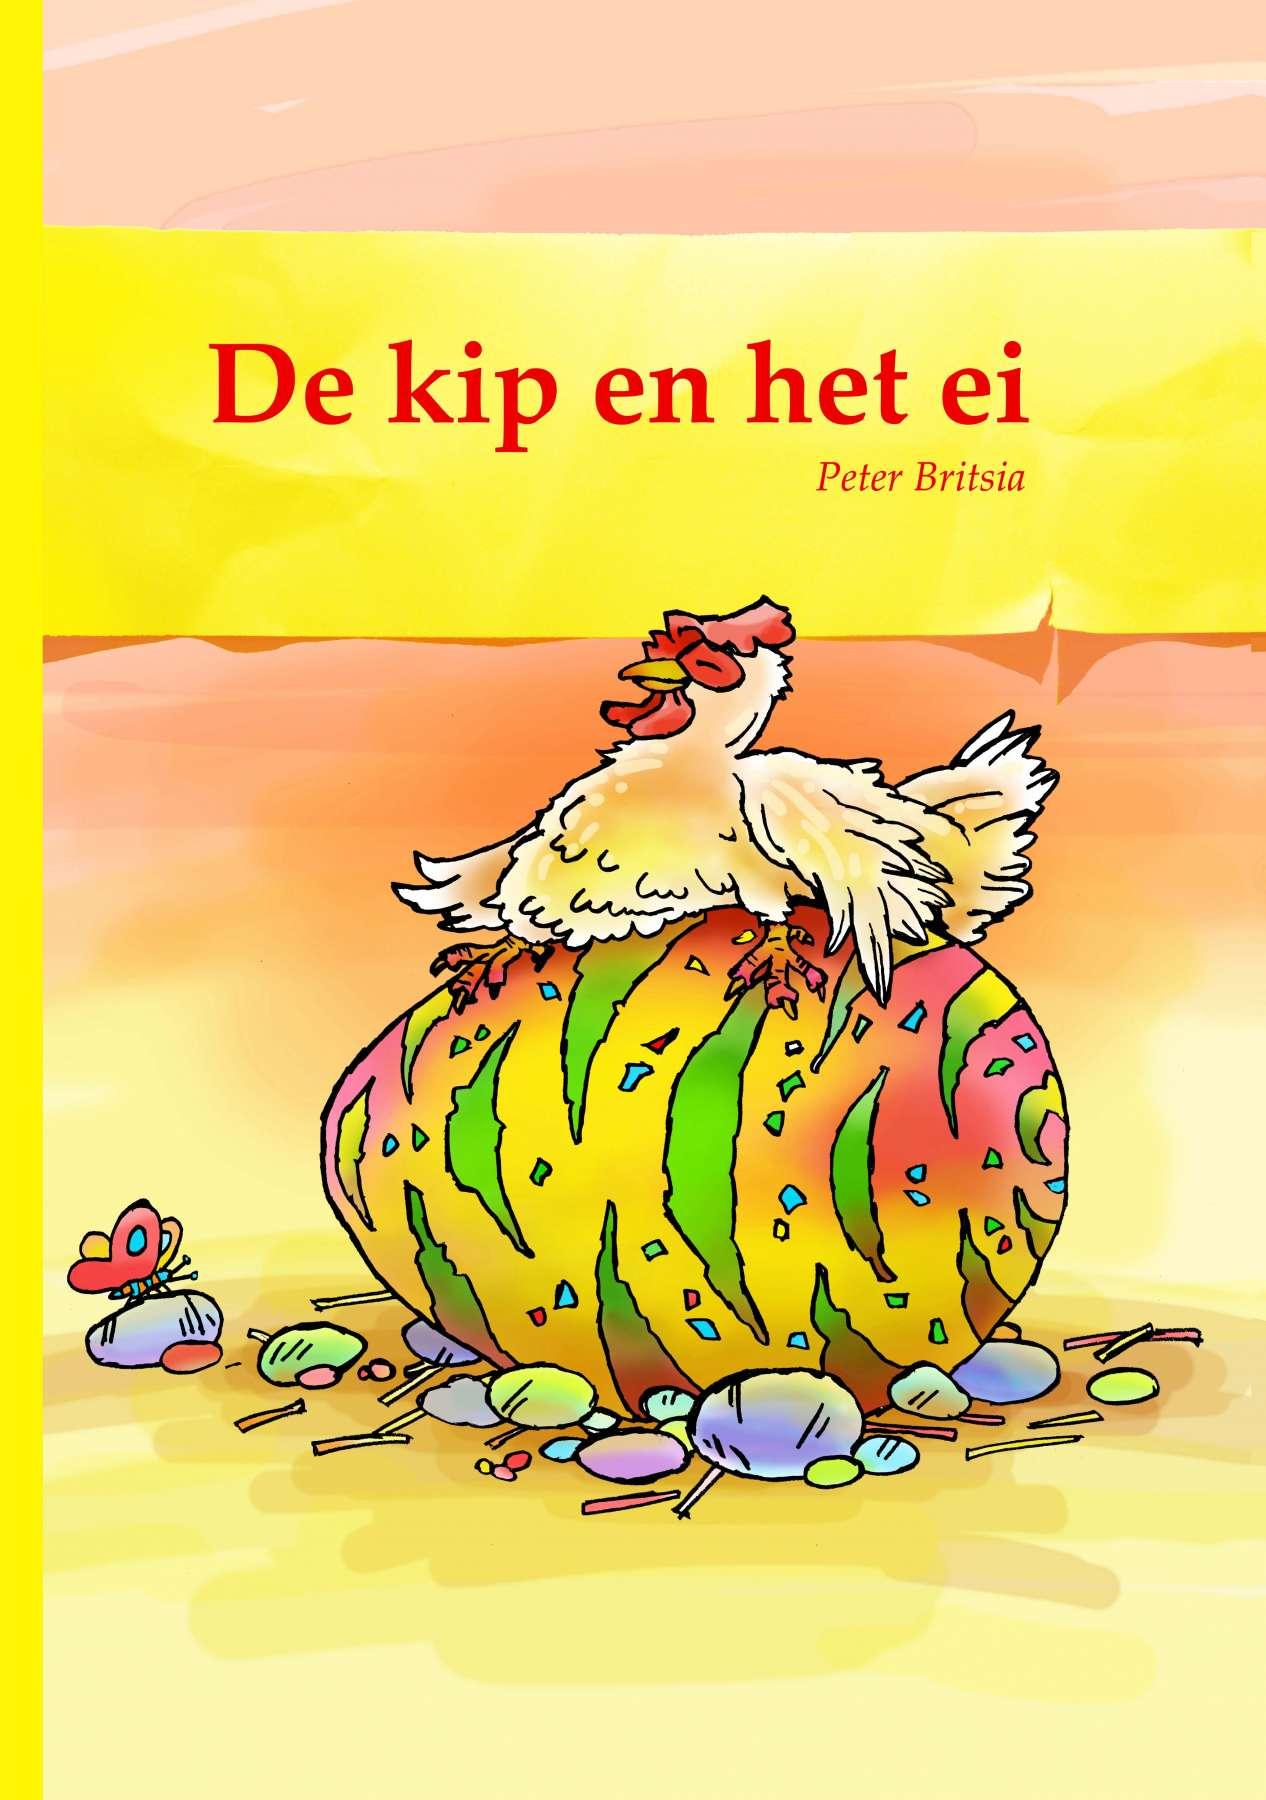 De Kip en het Ei - Uitgeverij Maanvis - Leesboek voor 7 - 9 jaar. <br>Tekst en illustraties Peter Britsia.